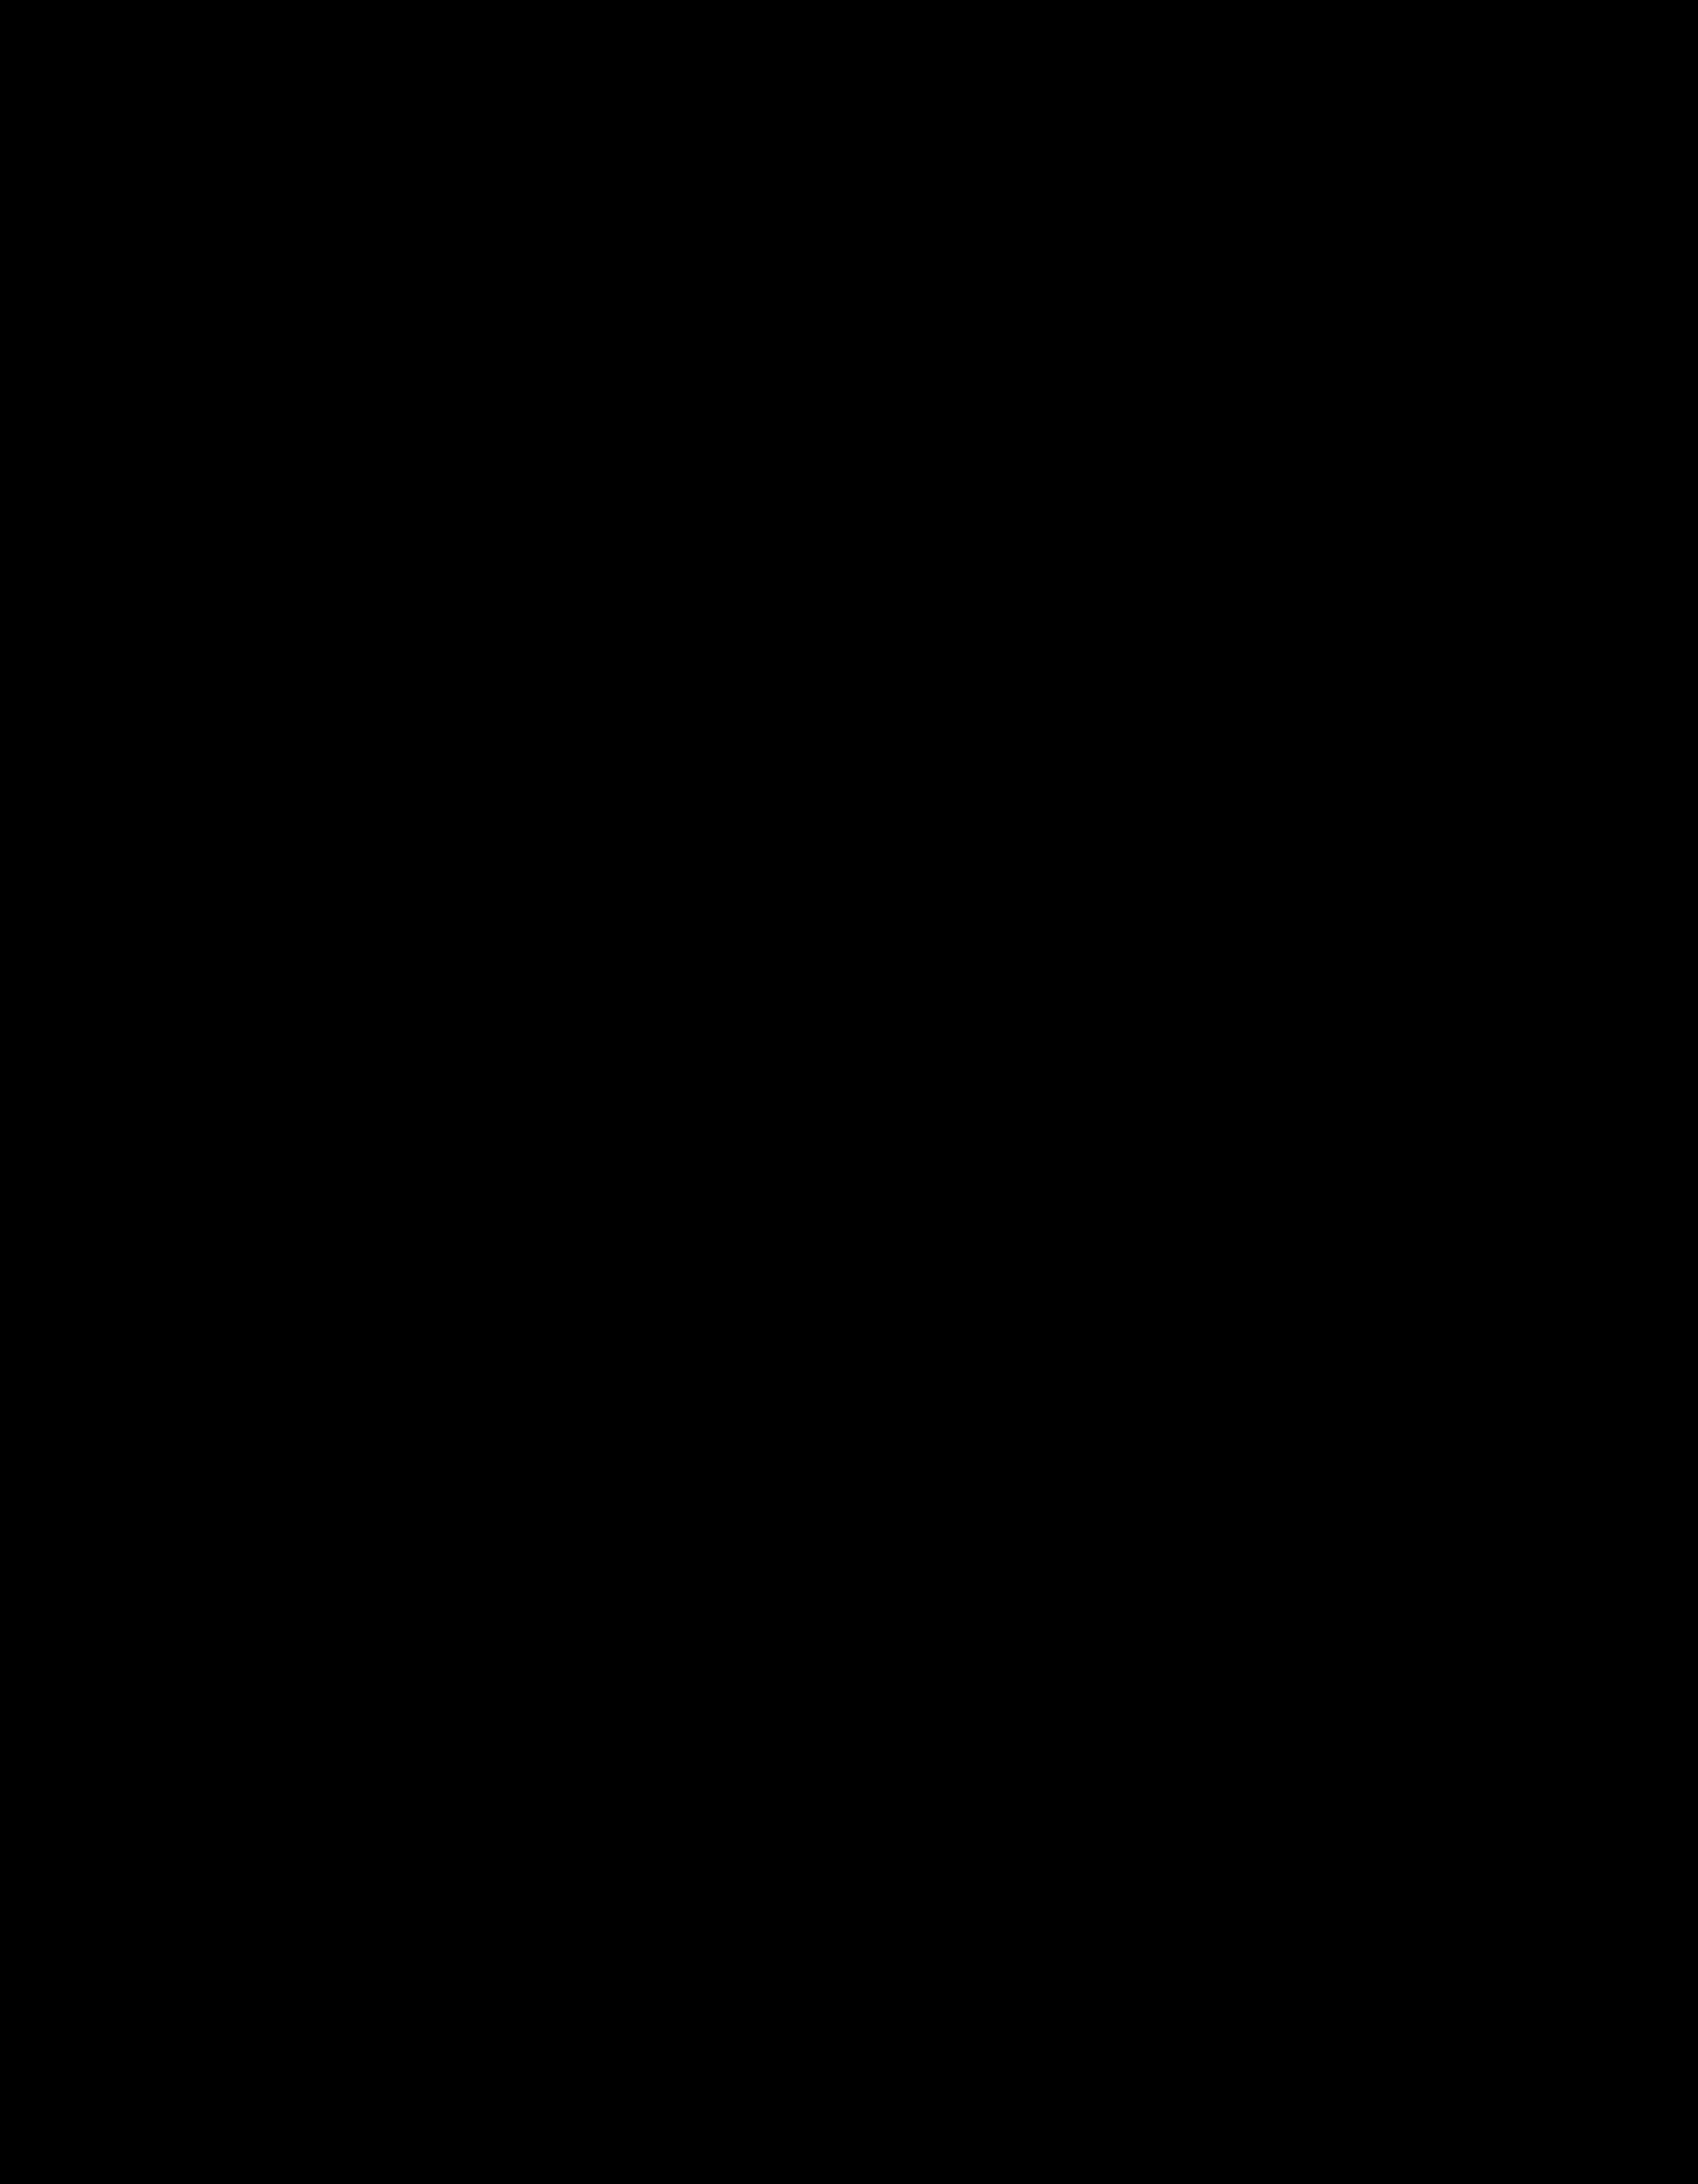 dominicanaenmiami.com - Ya salió la página impresa de Dominicana en ...